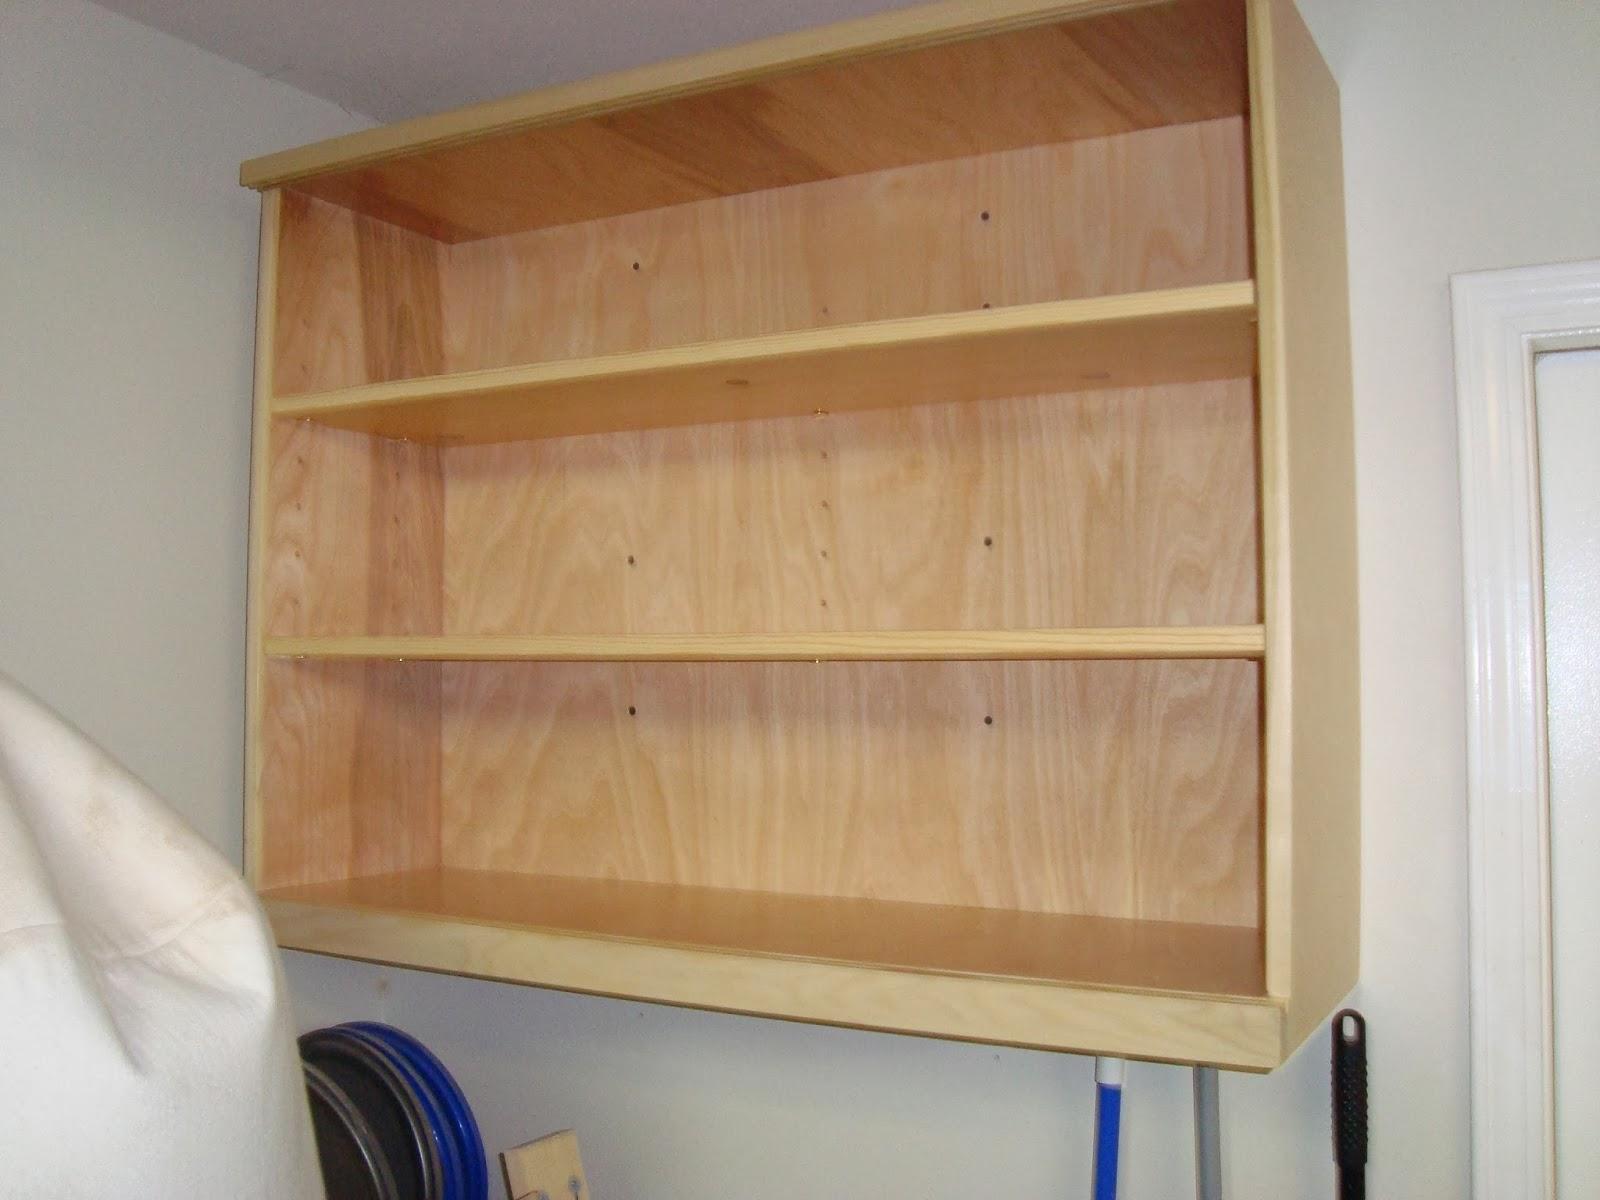 Sliding door shop cabinet